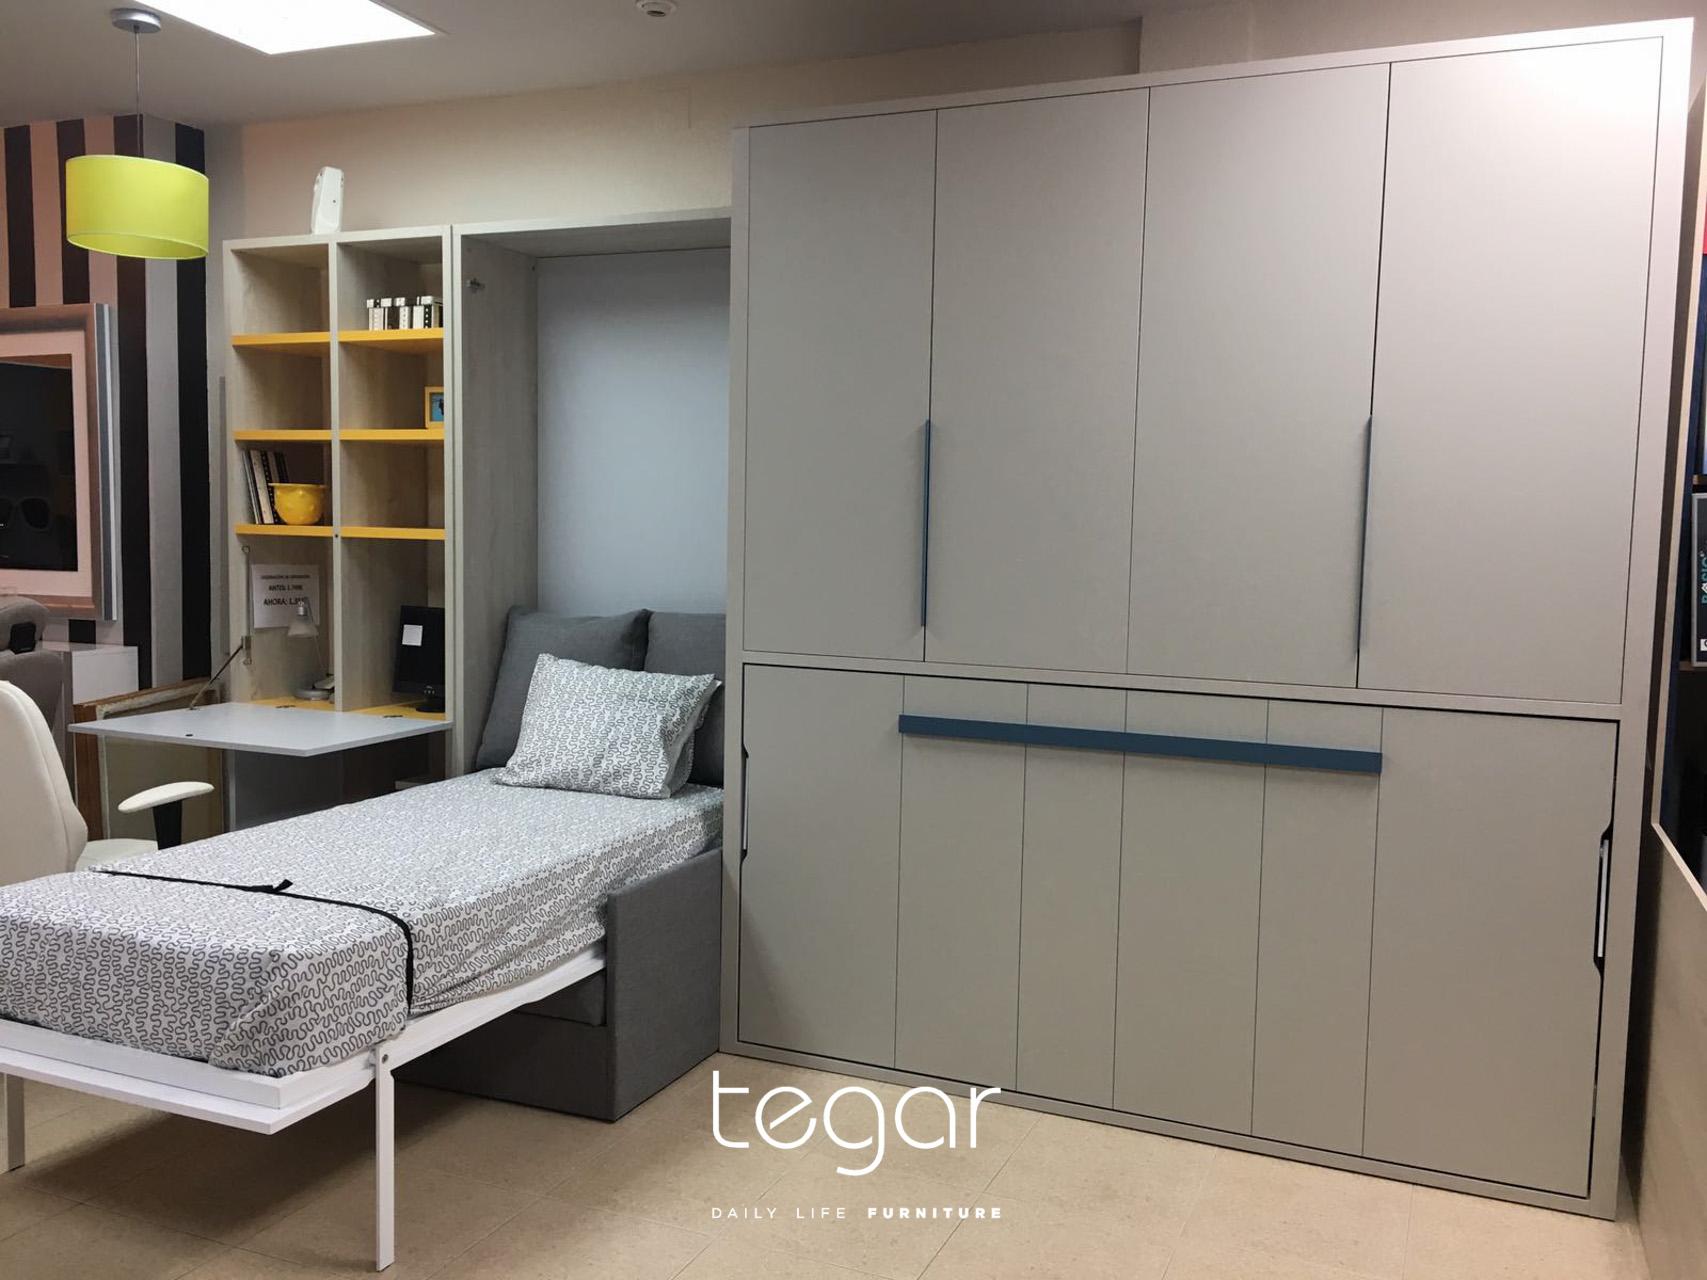 Nuestro modelo estrella la cama abatible con sof tegar - Construir cama abatible ...